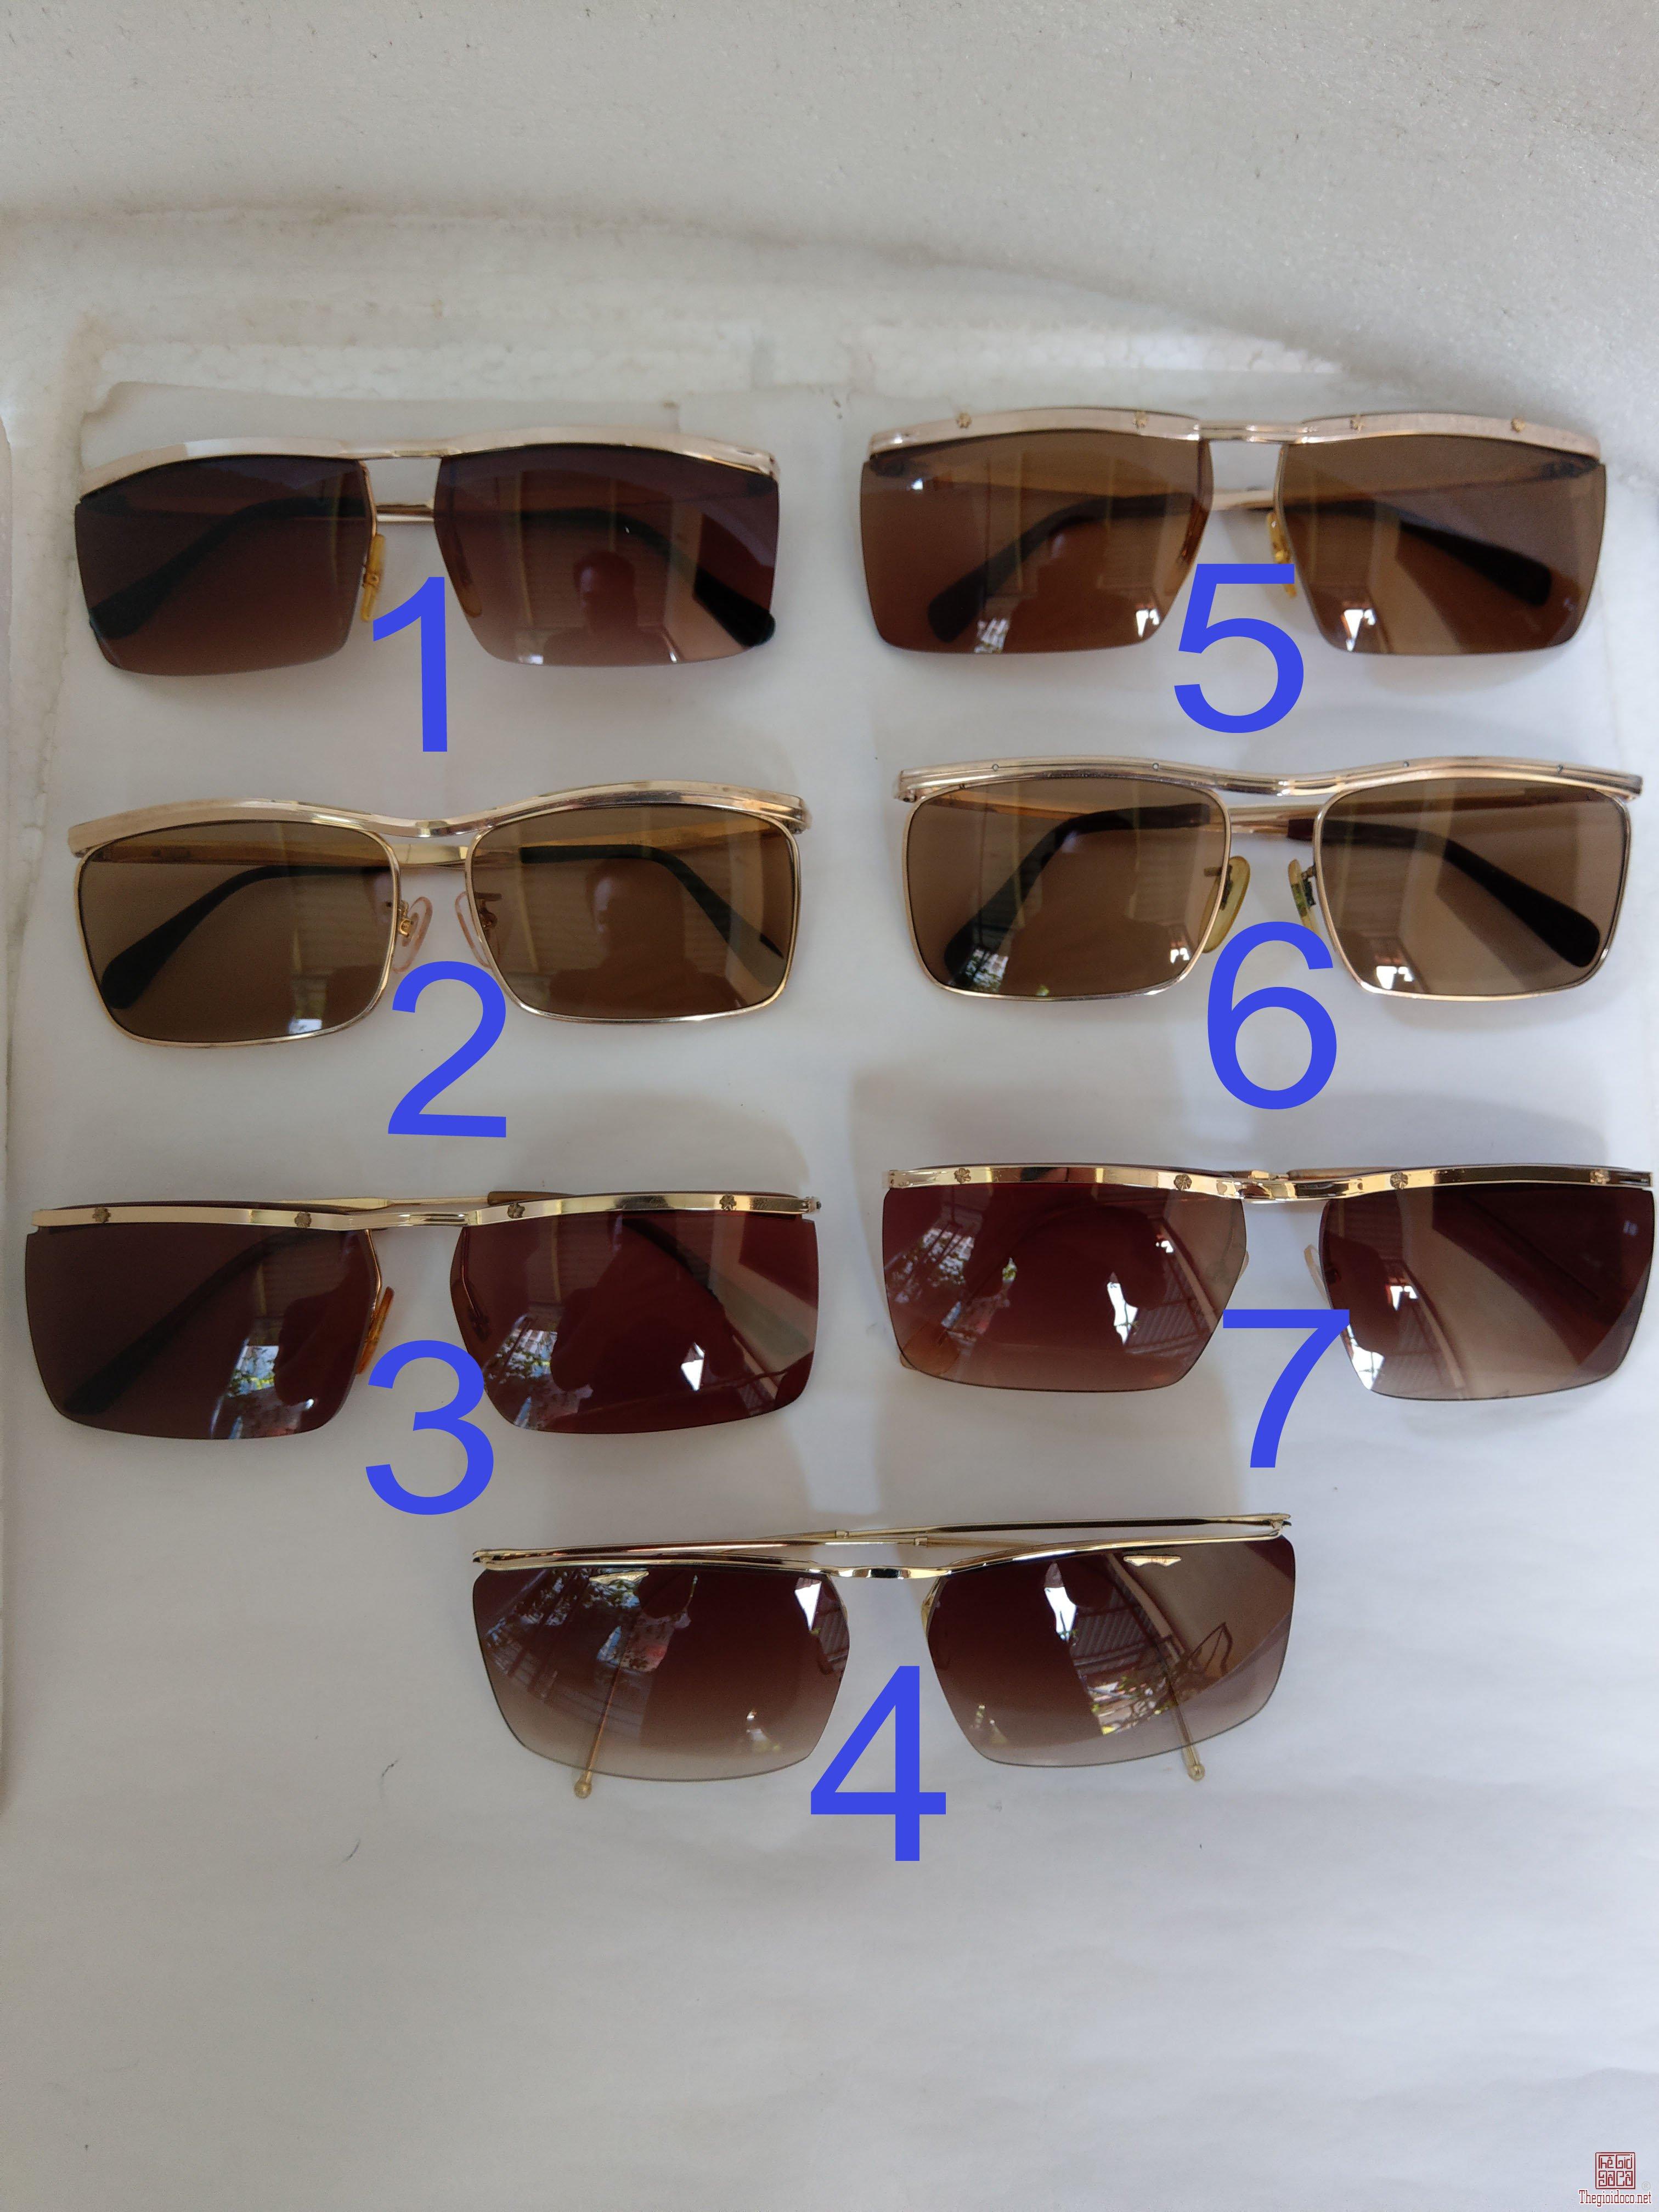 Giàn mới về kính cổ mạ vàng bọc vàng có đầy đủ các thương hiệu nổi tiếng trên toàn thế giới..vv